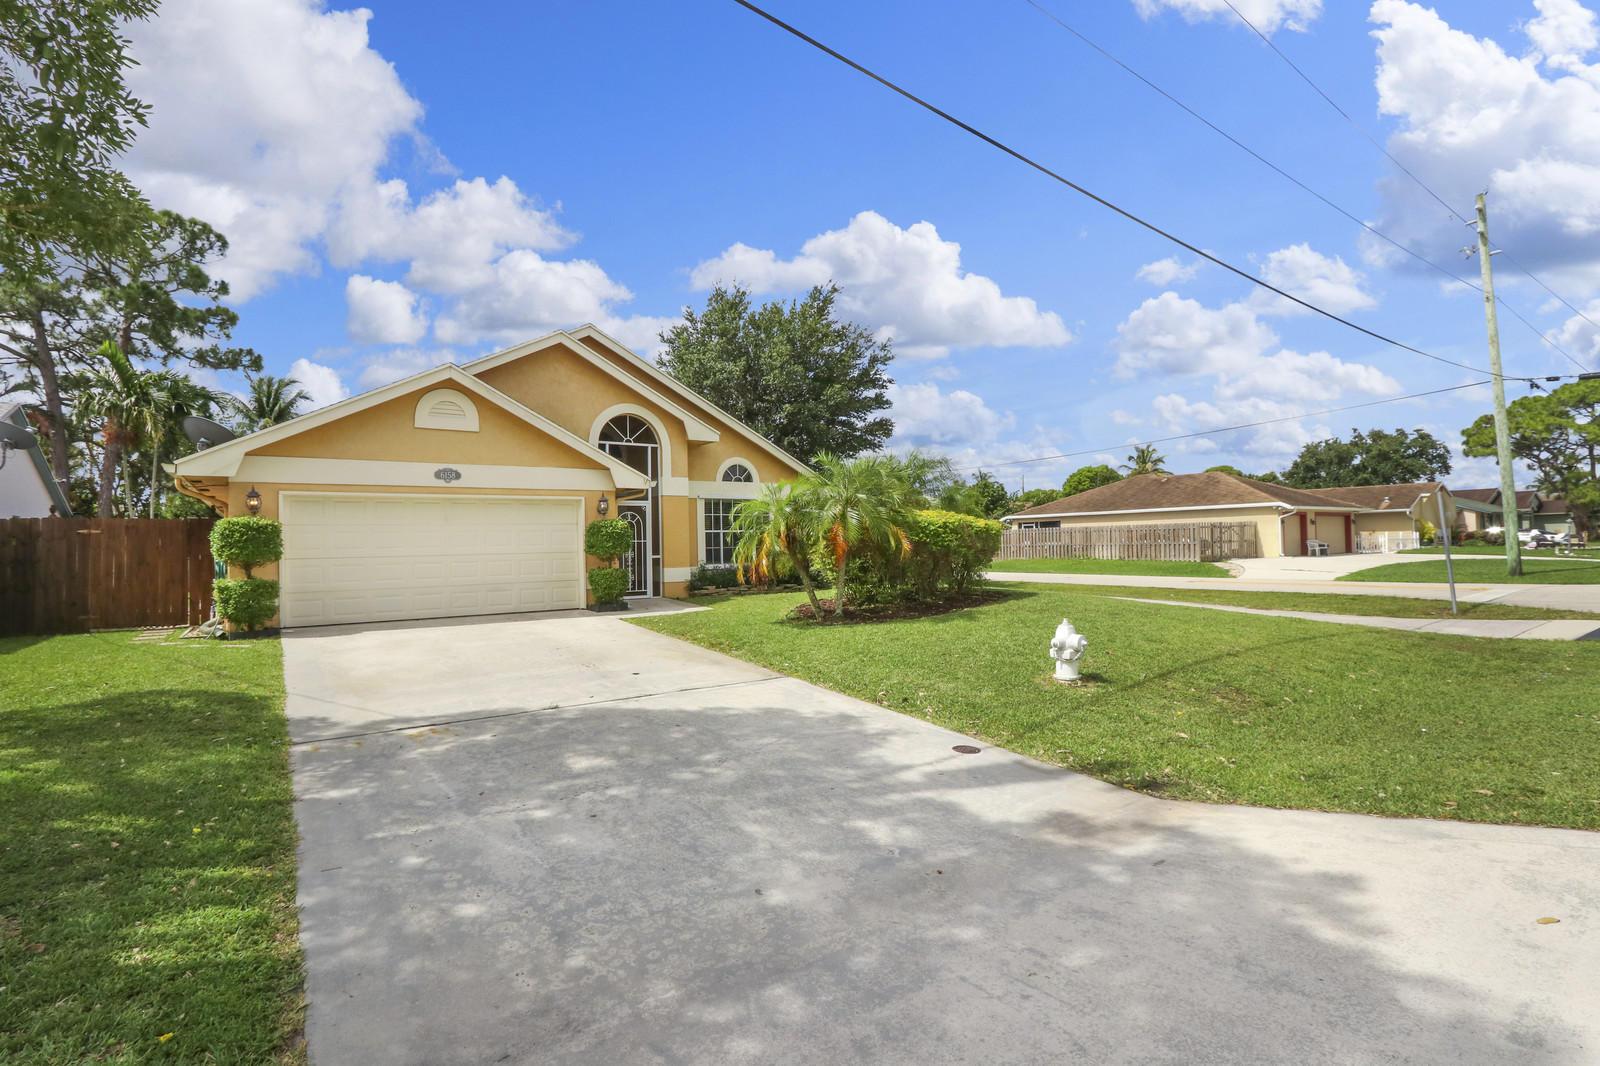 Photo of 6158 Linton Street, Jupiter, FL 33458